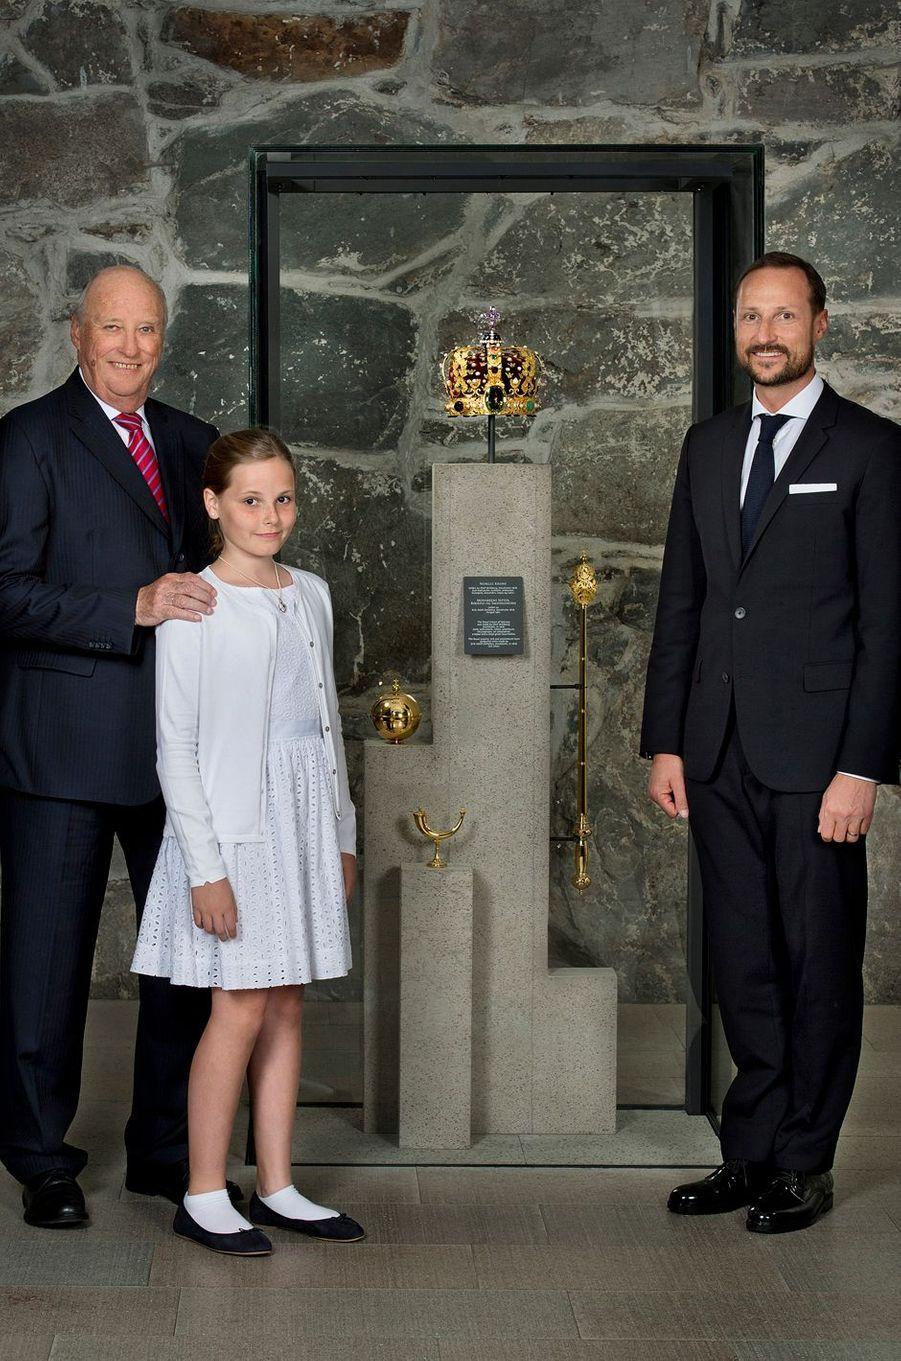 La Cour de Norvège a dévoilé ce jeudi 23 juin, jour du 25e anniversaire de son sacre, une nouvelle photo du roi Harald V avec ses deux héritiers, le prince Haakon et sa fille la princesse Ingrid Alexandra.